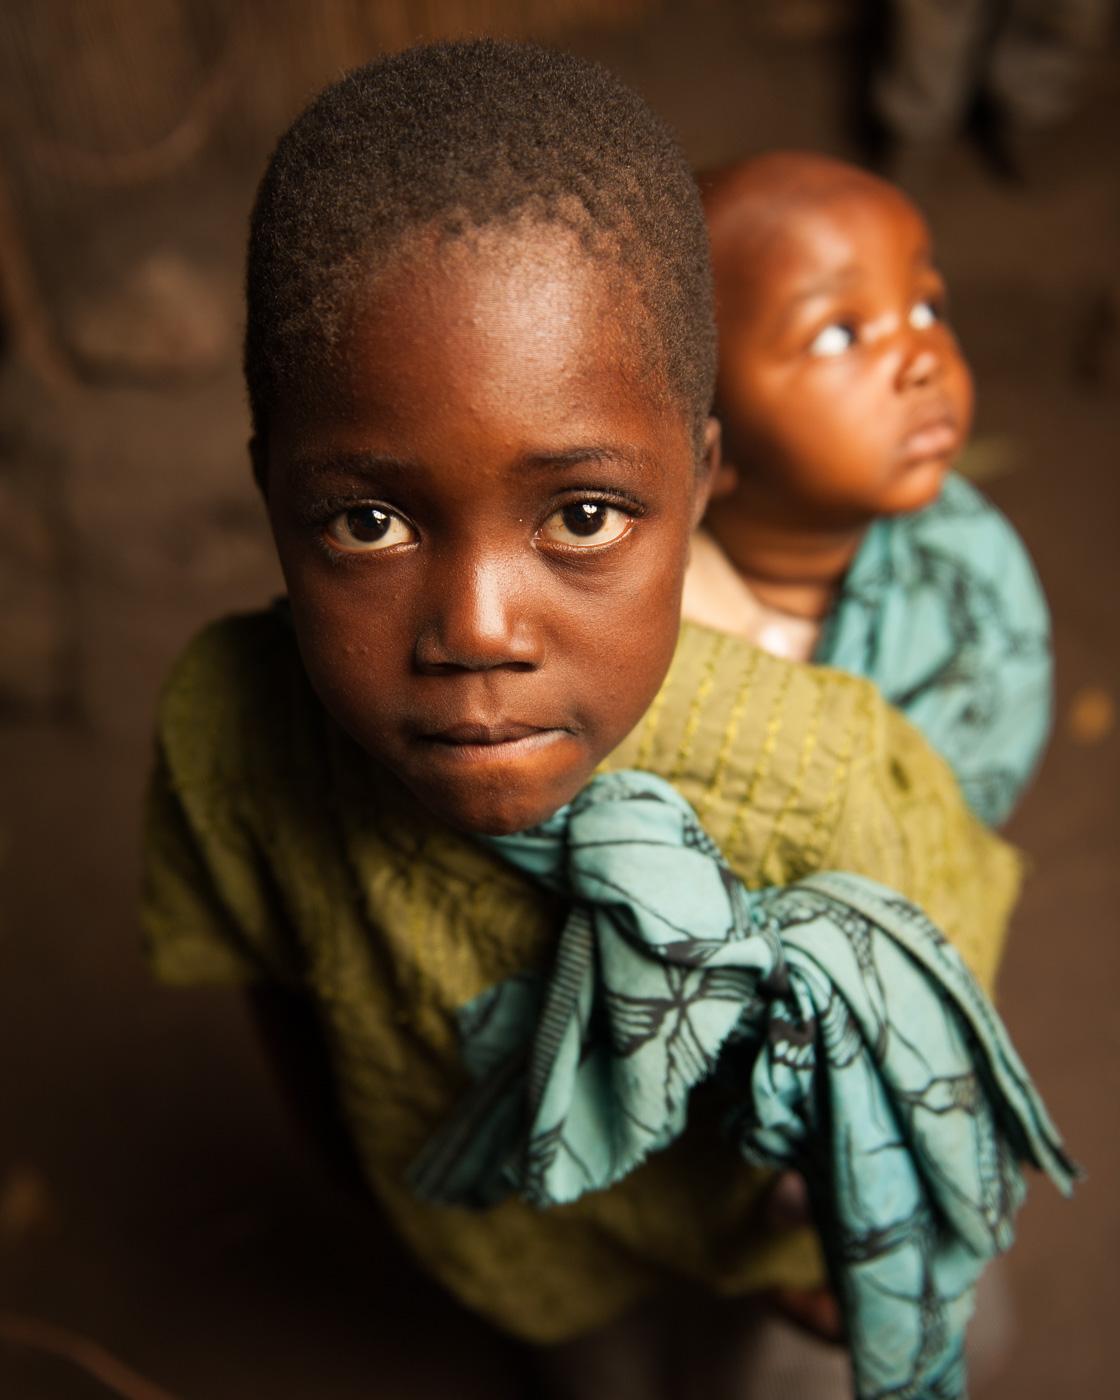 africa by elliott_-7.jpg